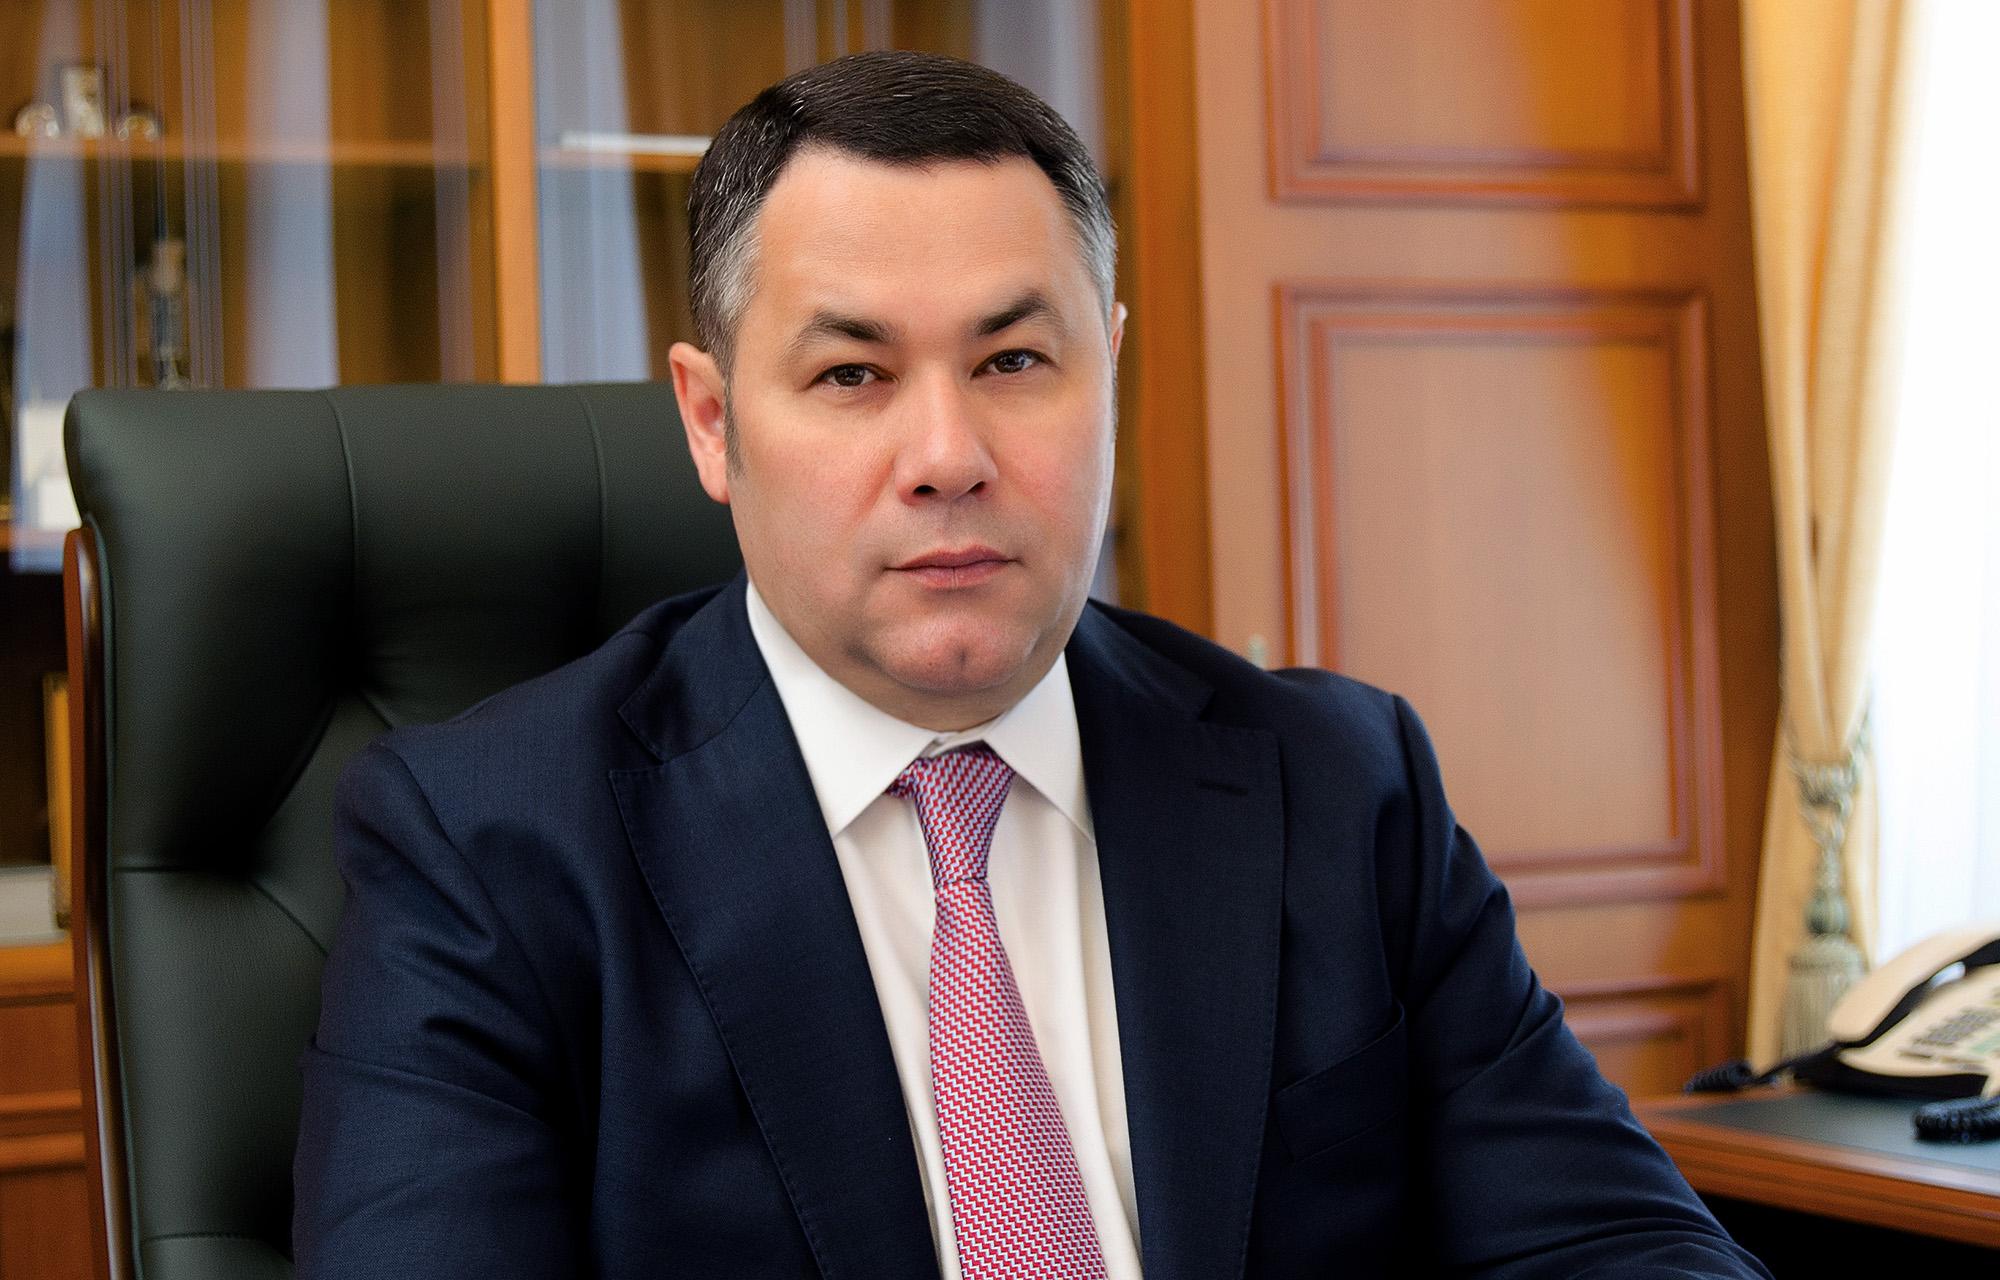 Игорь Руденя поздравил жителей Тверской области с Днем физкультурника